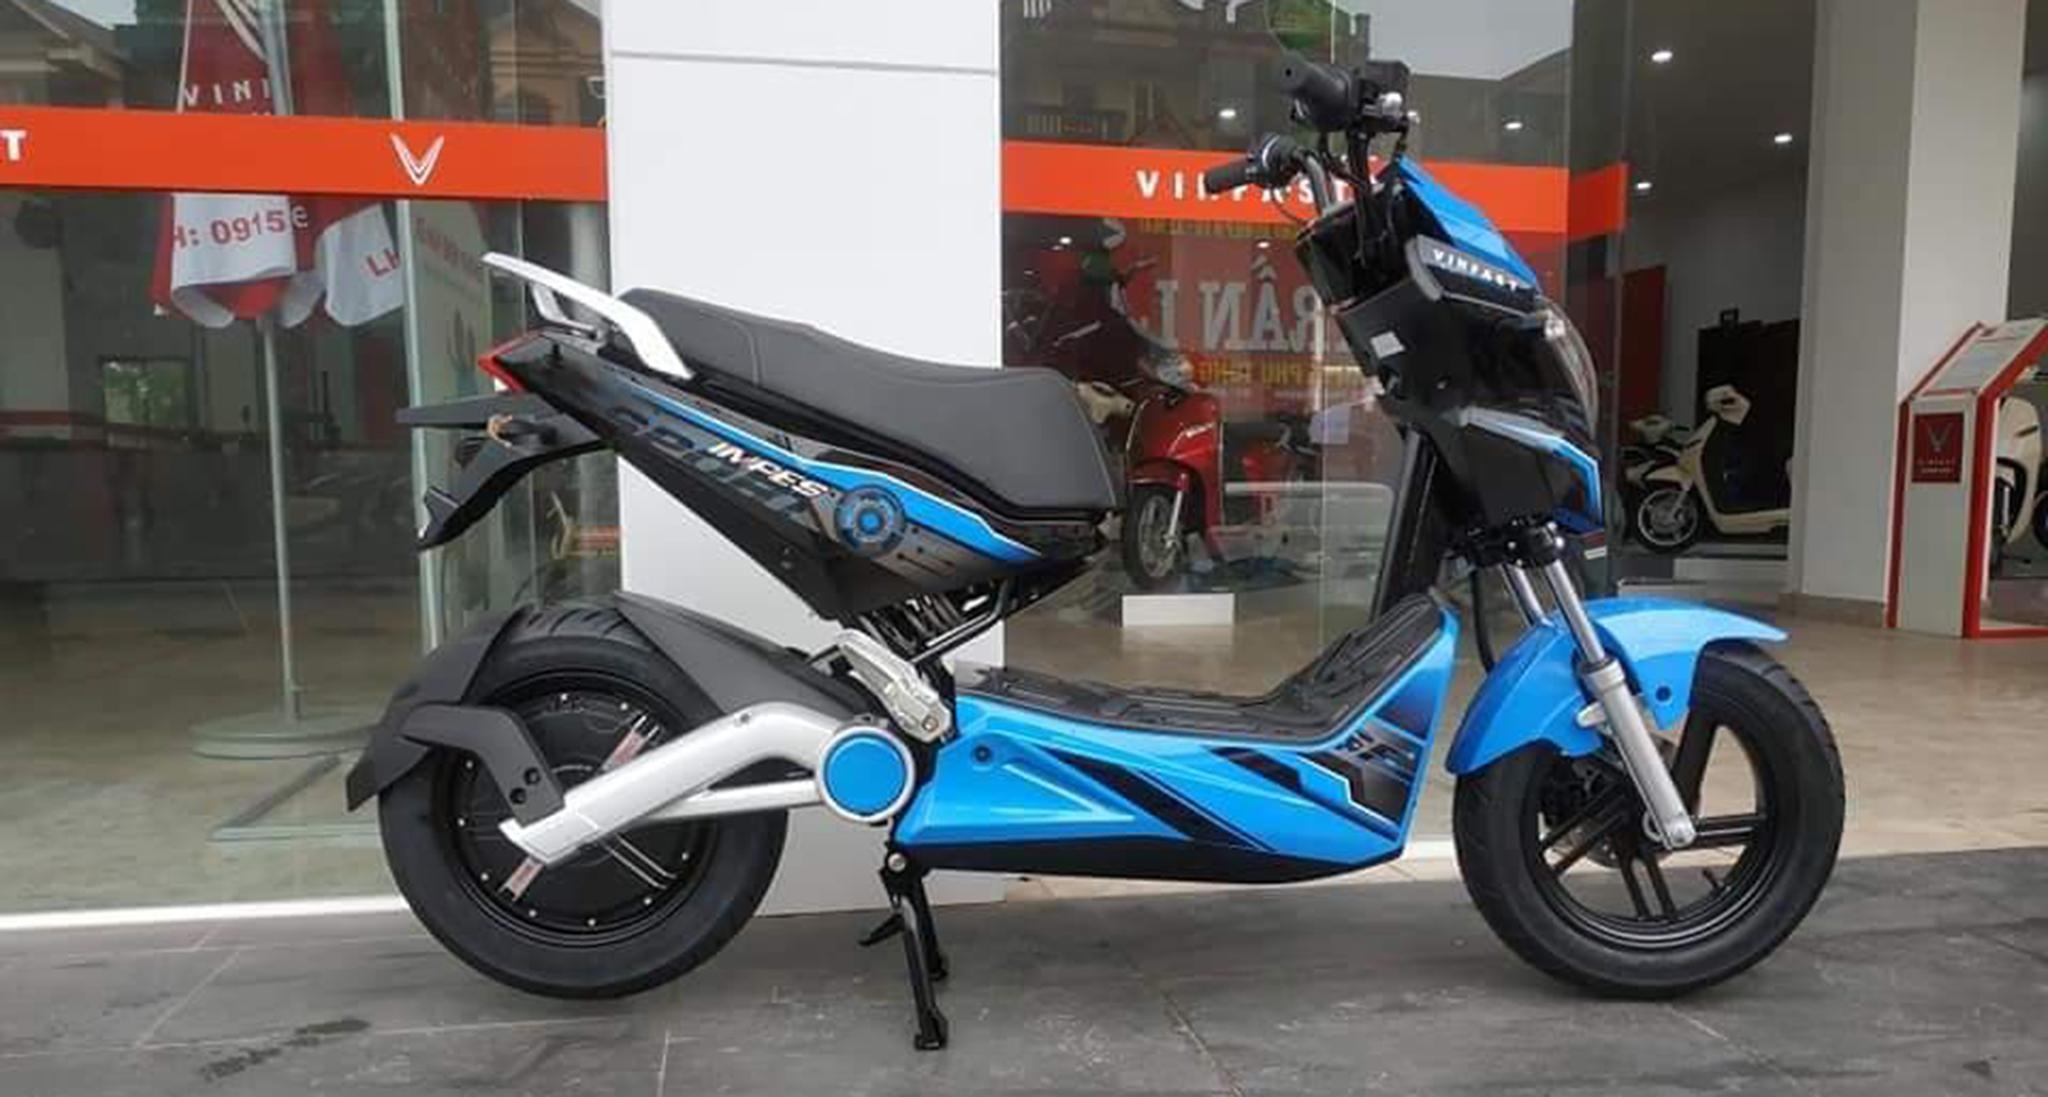 Lộ diện 2 mẫu xe máy điện giá rẻ của Vinfast, giá từ 21 triệu